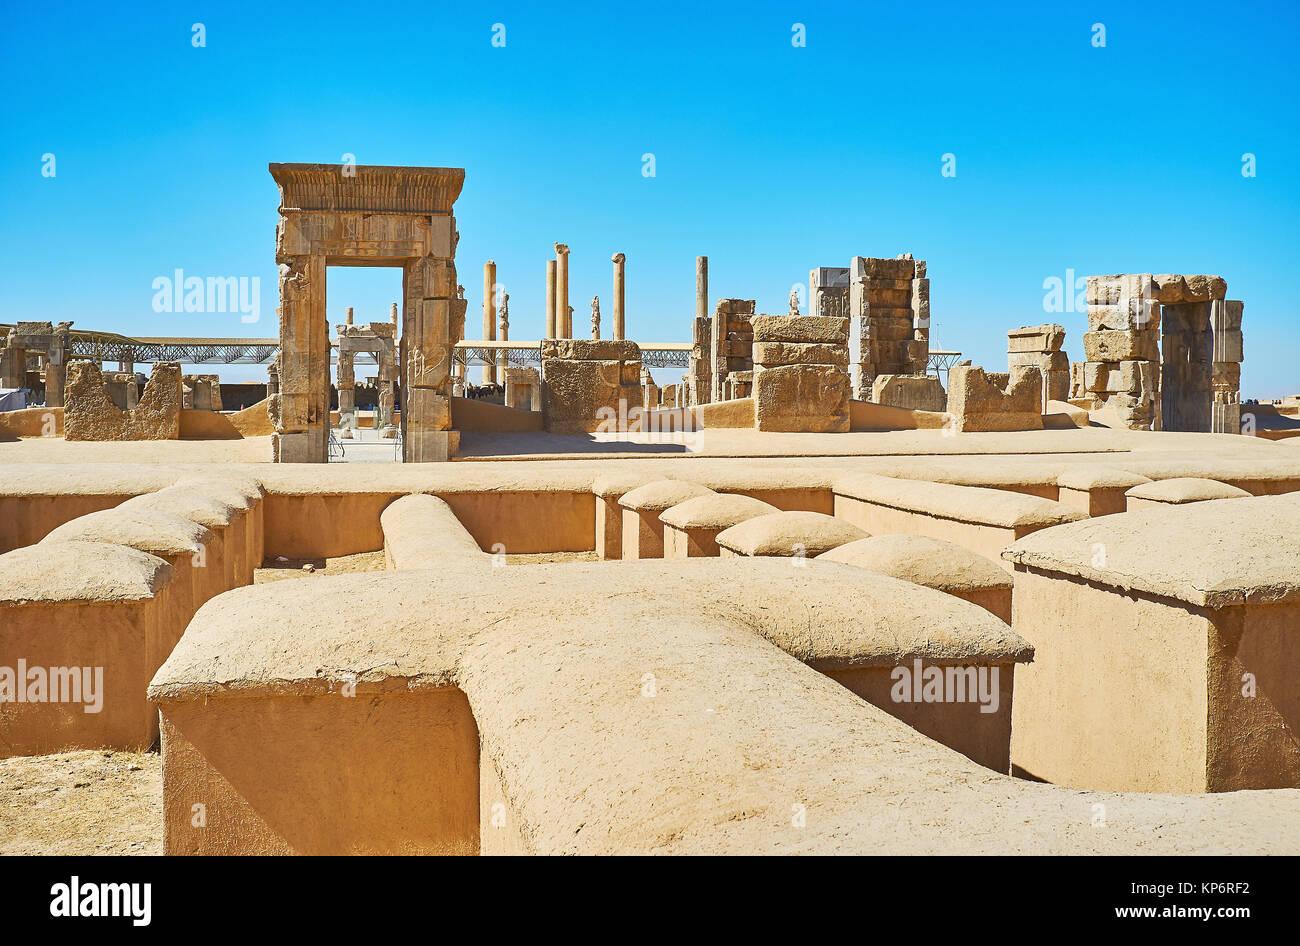 Portes en pierre préservé de centaines de colonnes Hall, situé à Persépolis site archéologique, Photo Stock